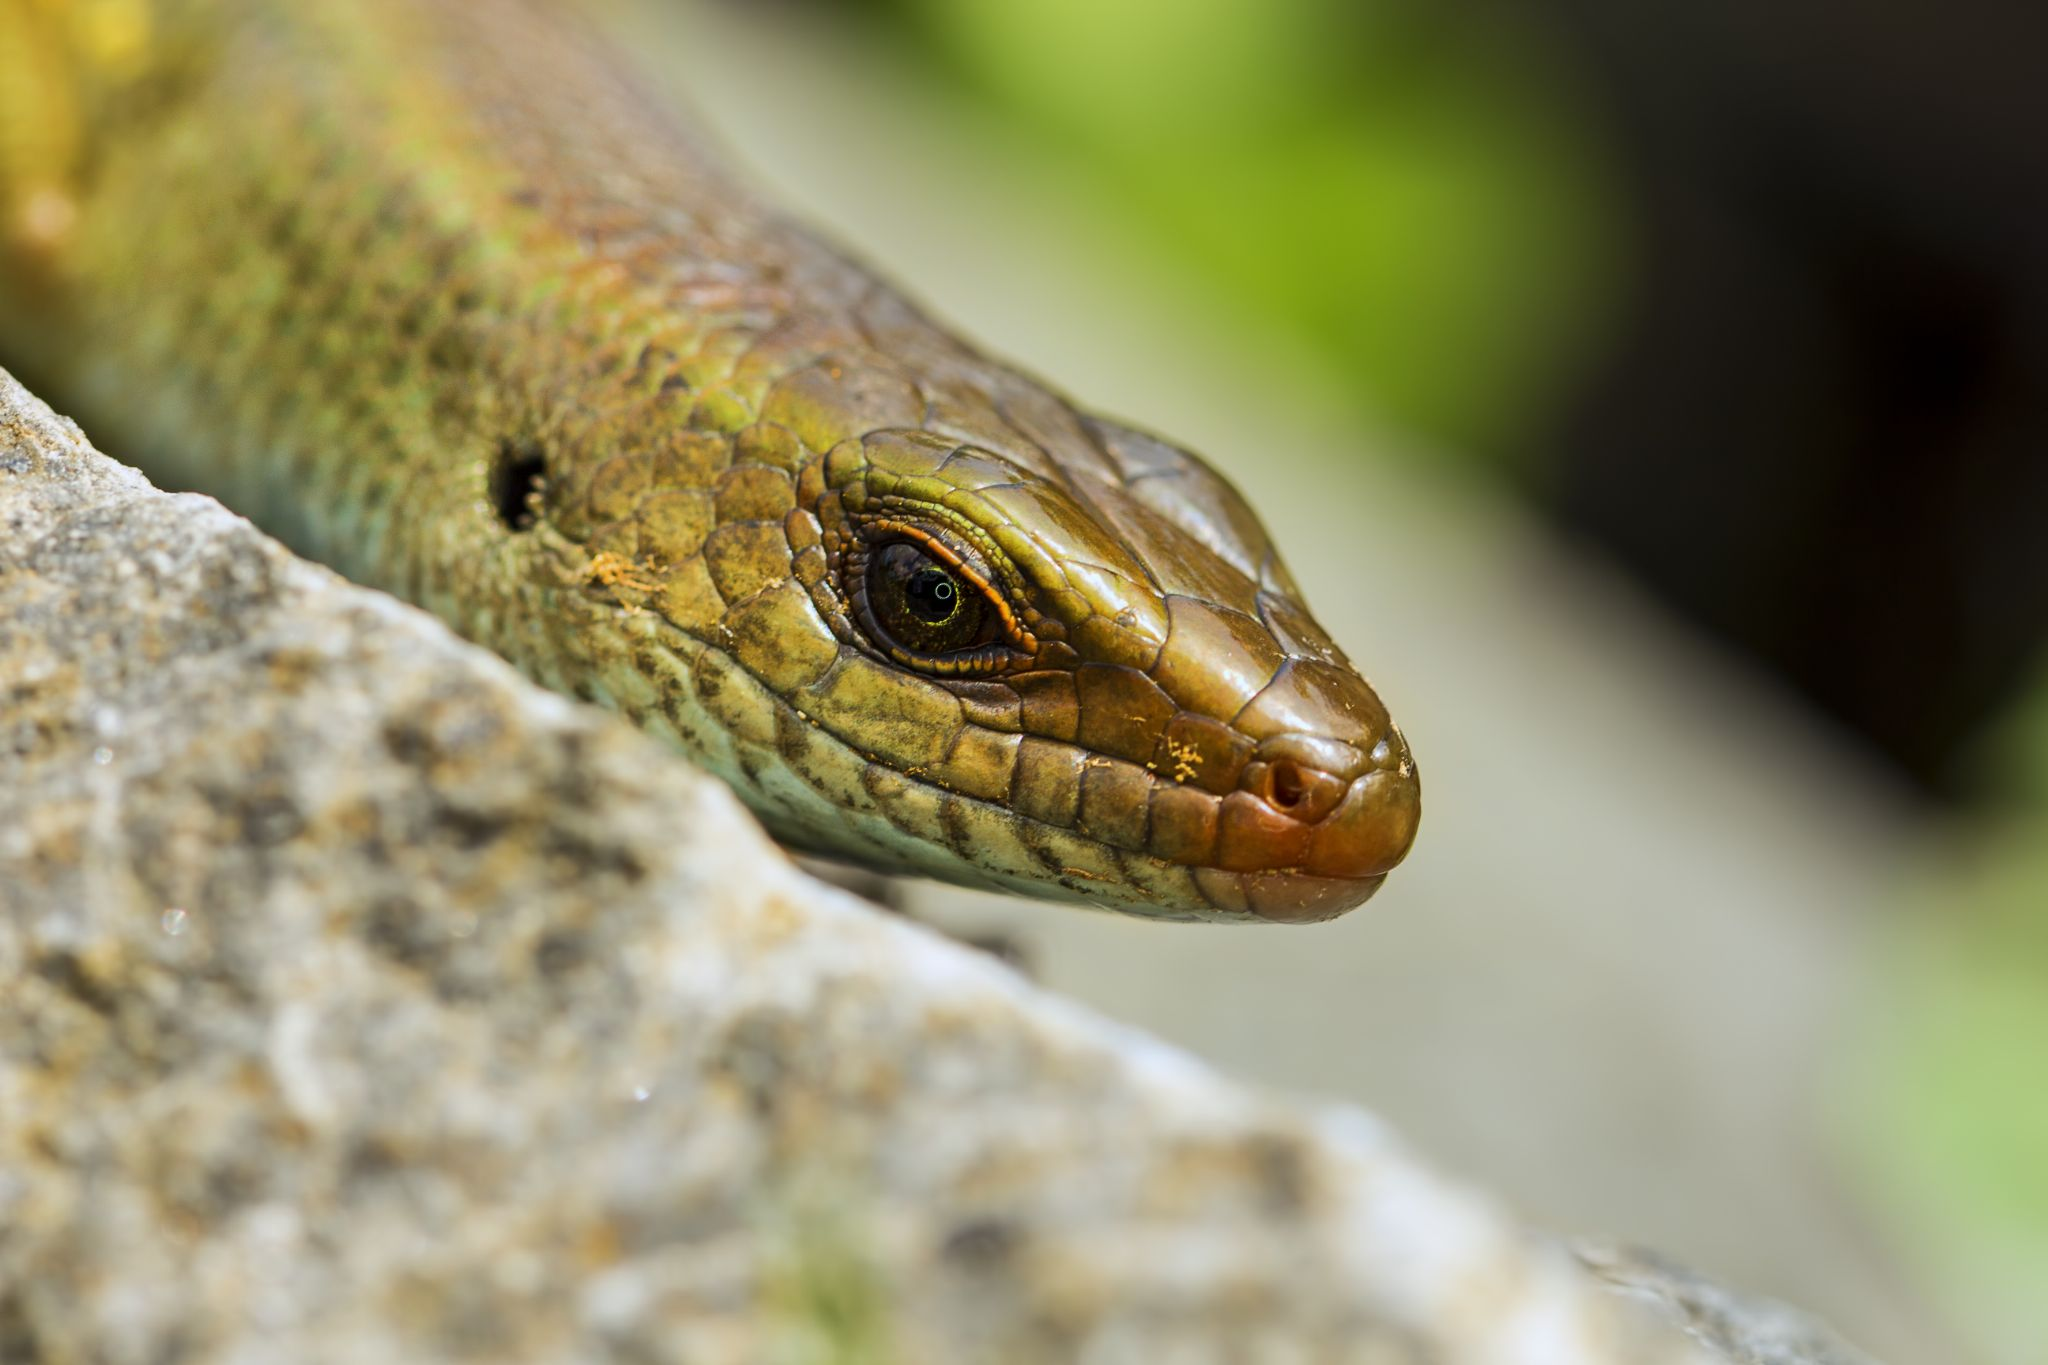 Lizard by nurvita dewi